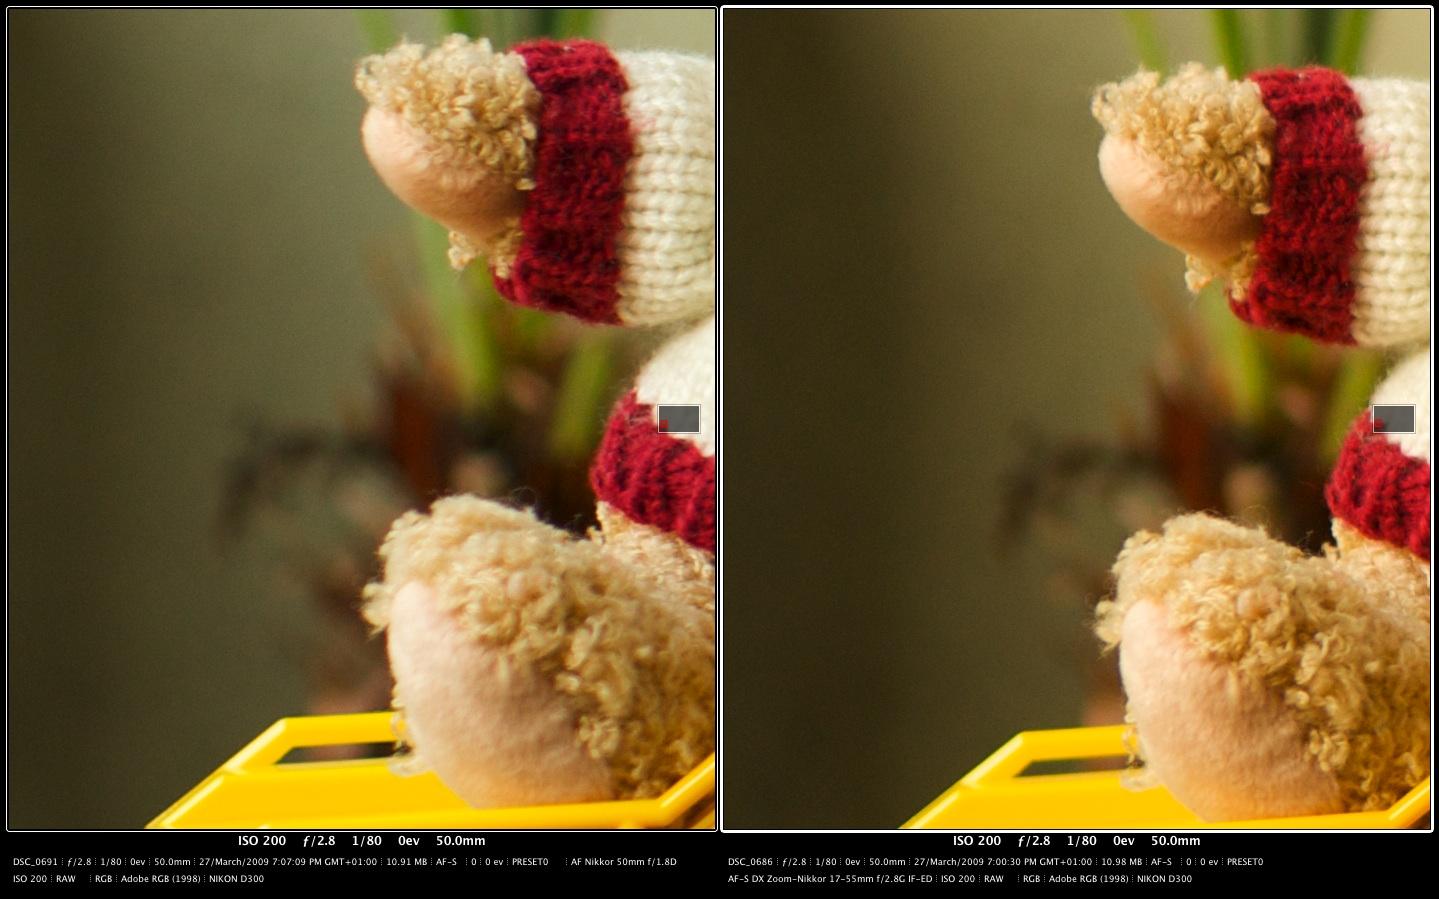 Testing The Nikkor 17 55mm F 28g If Ed Nico Tranquilli Nikon Af 50mm 18d Lens Blah